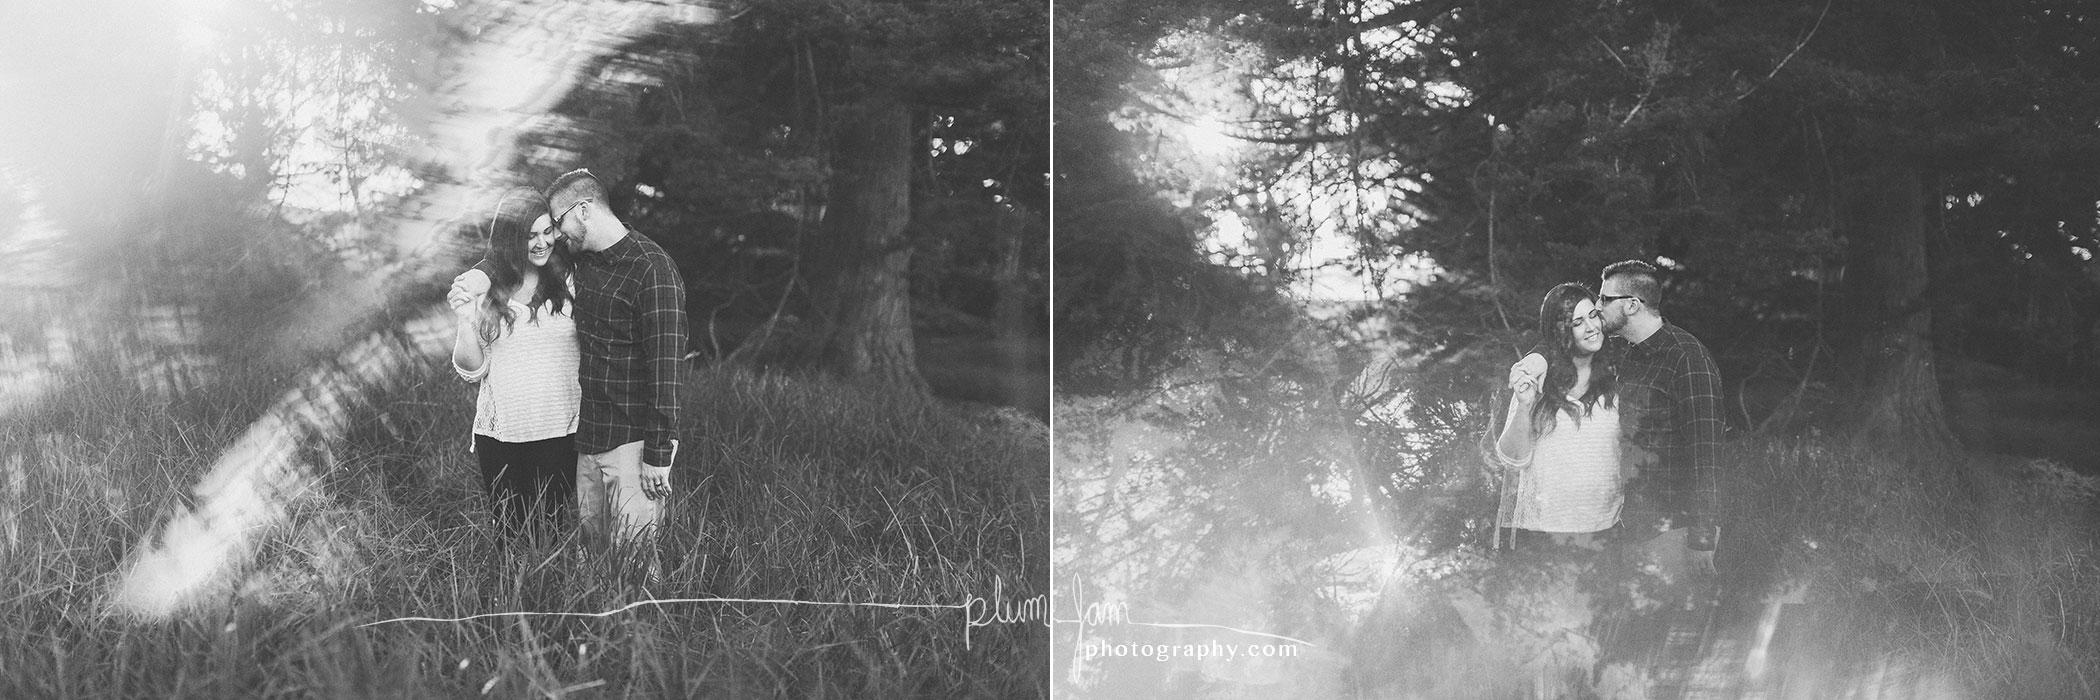 MollyDan-09-PlumJamPhotography